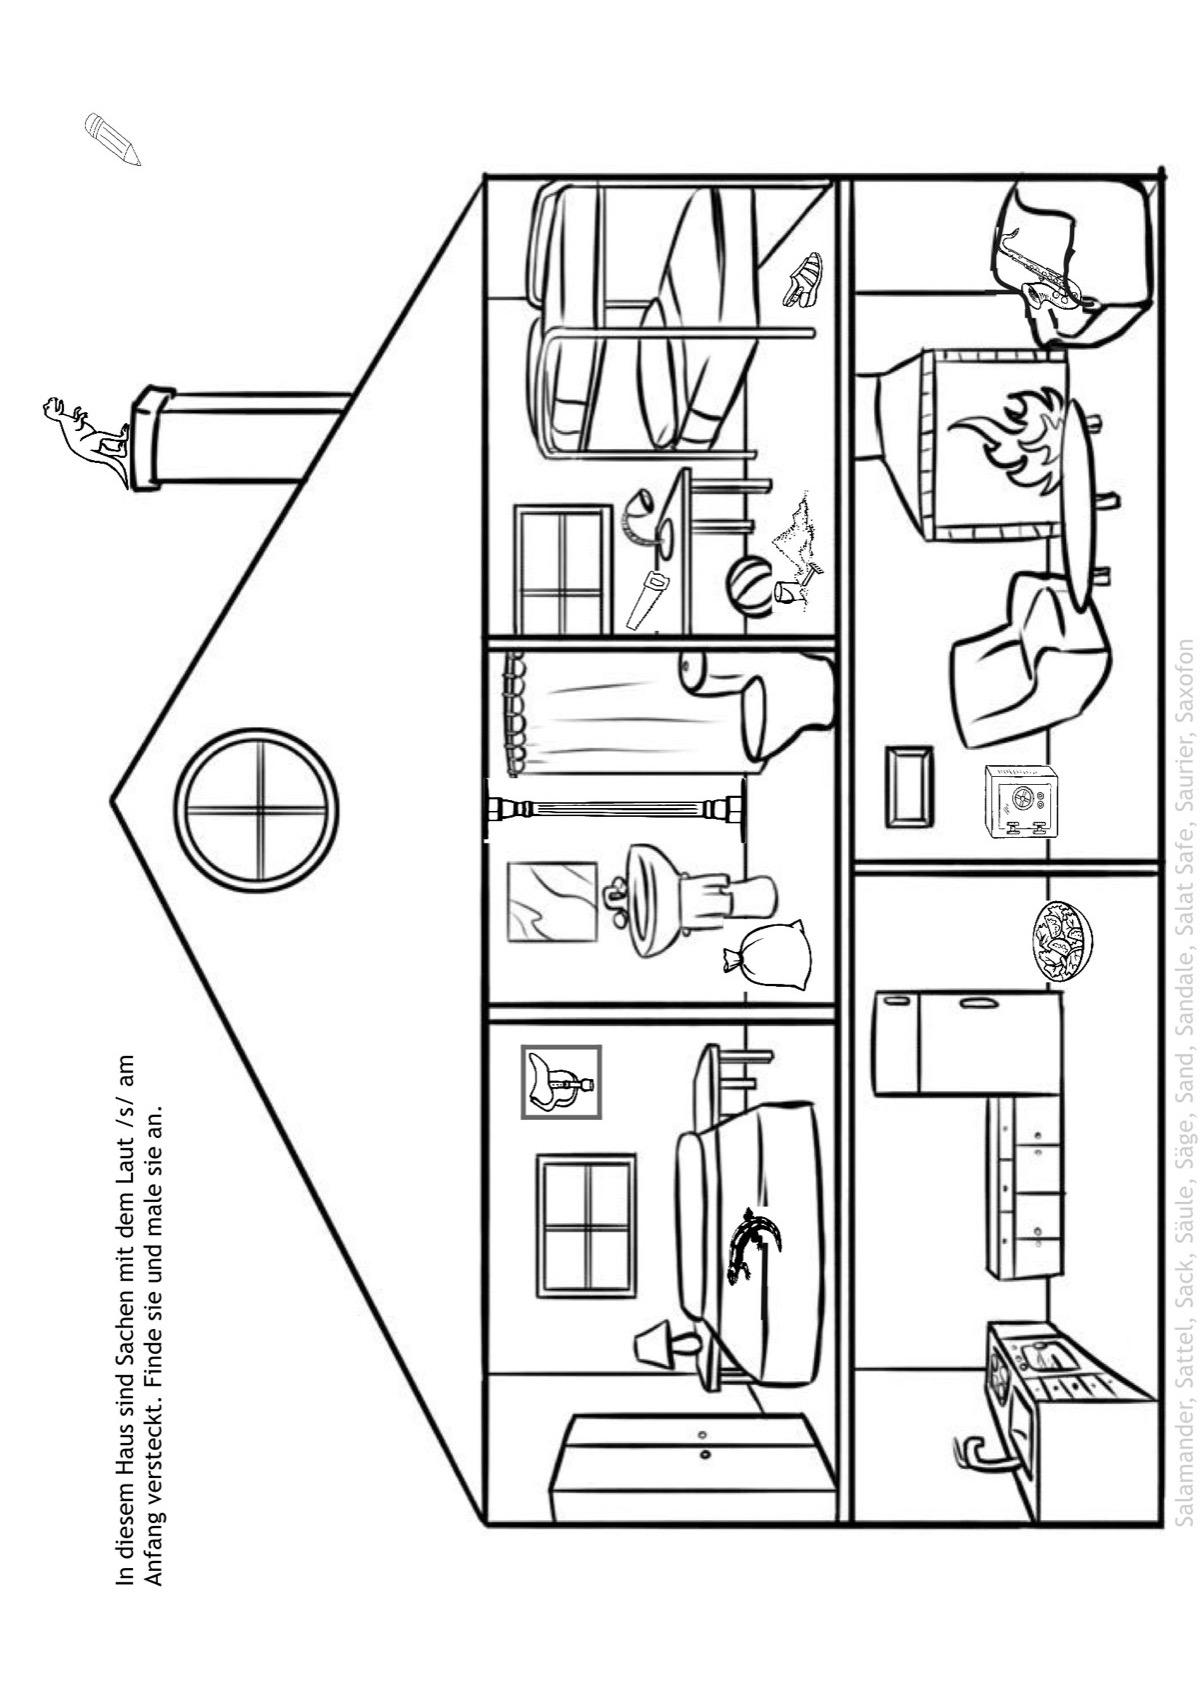 Sammlungen mit Suchbild Haus - Dyslalie - madoo.net